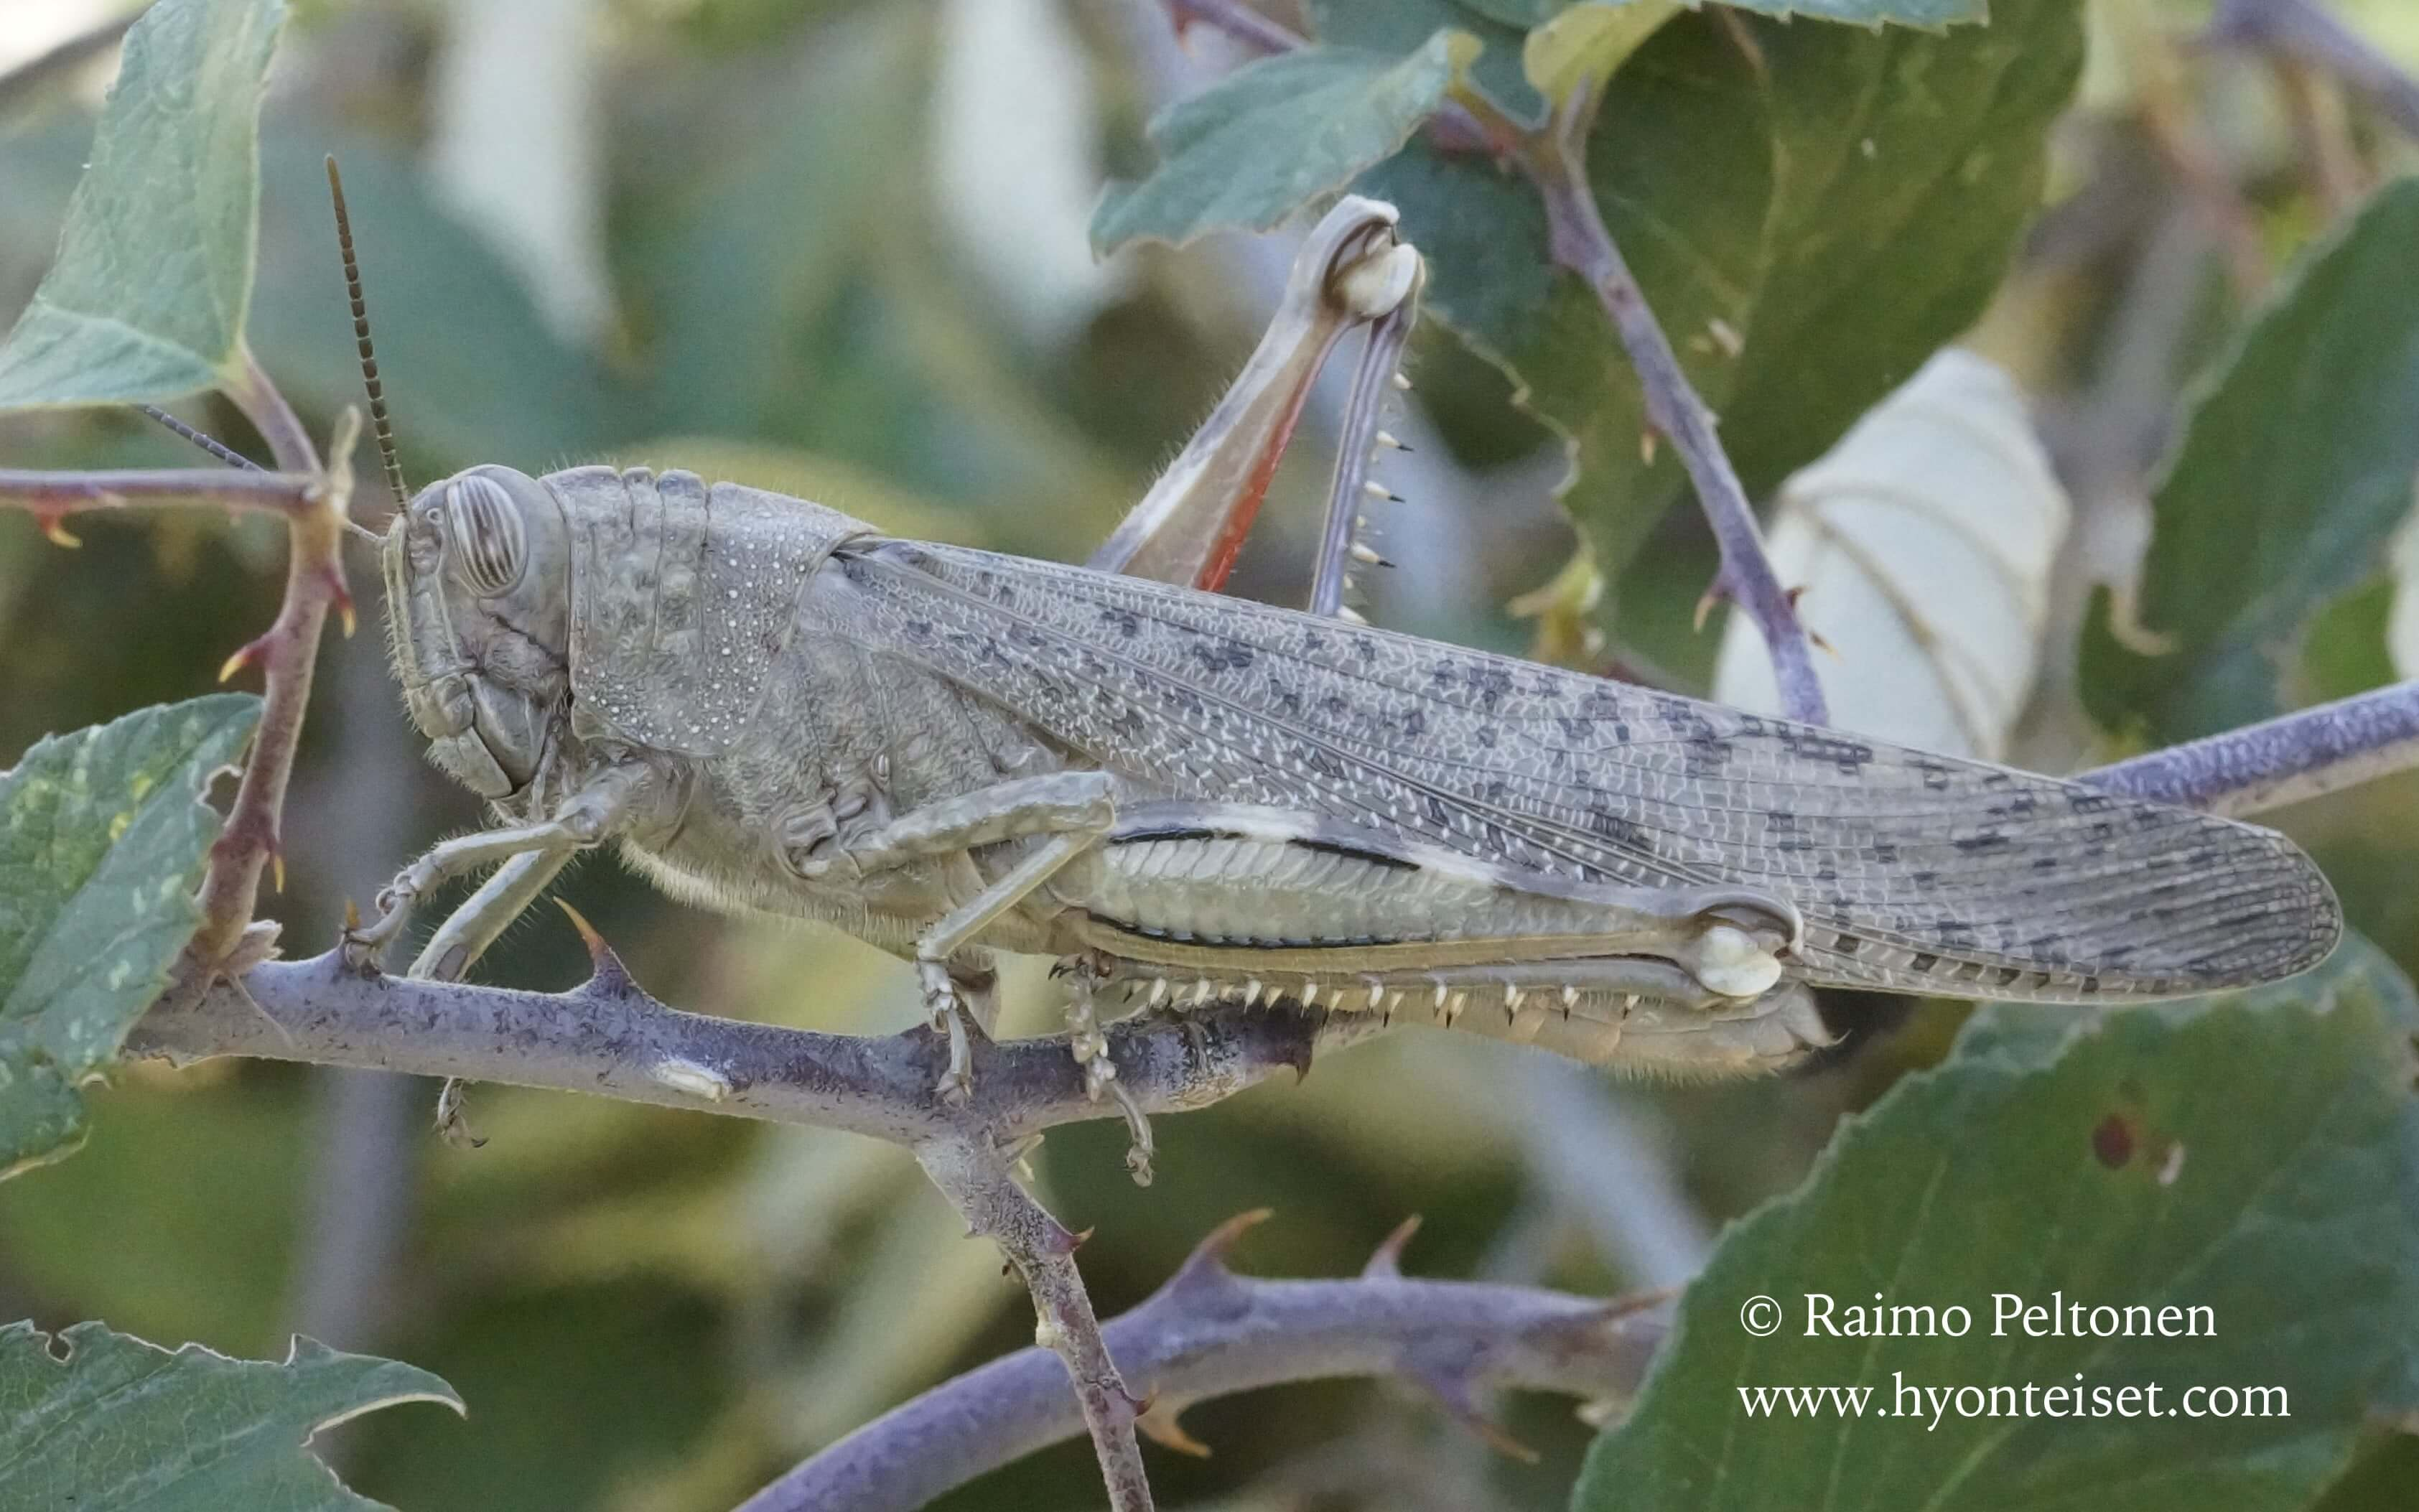 Anacridium aegyptium-egyptinsirkka (Acricidae), 12.10.2016 ITALIA